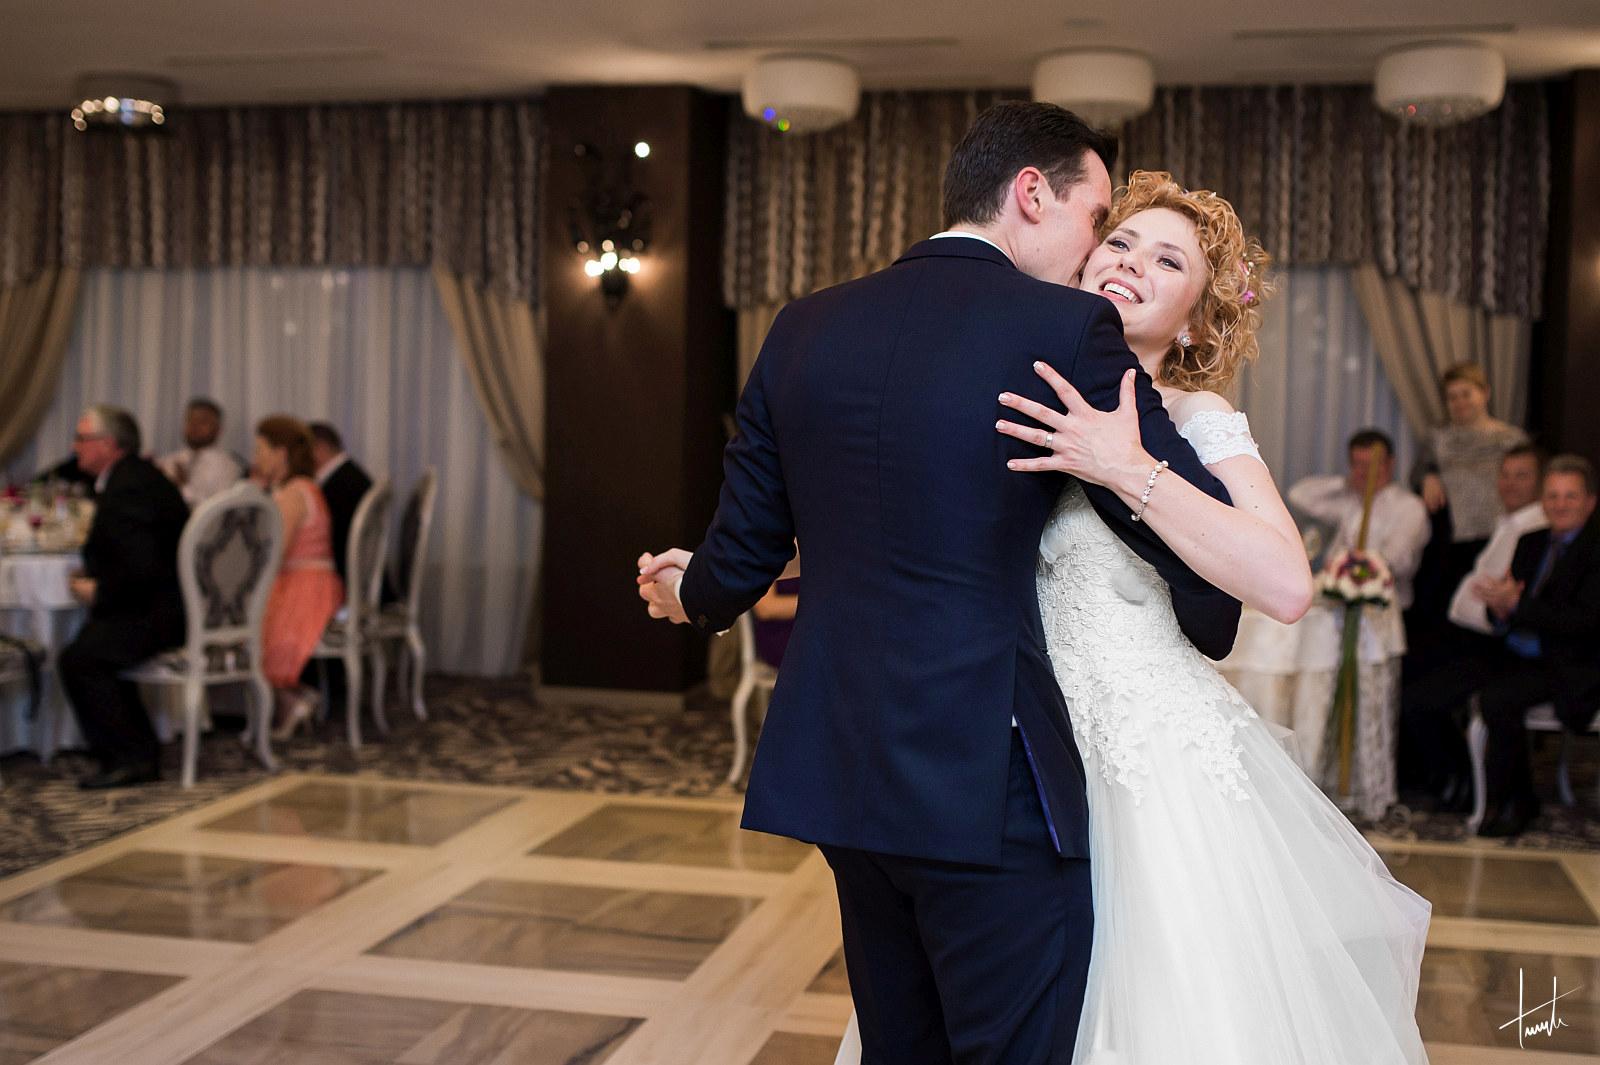 Iolanda Vlad - fotografie nunta Iasi 02